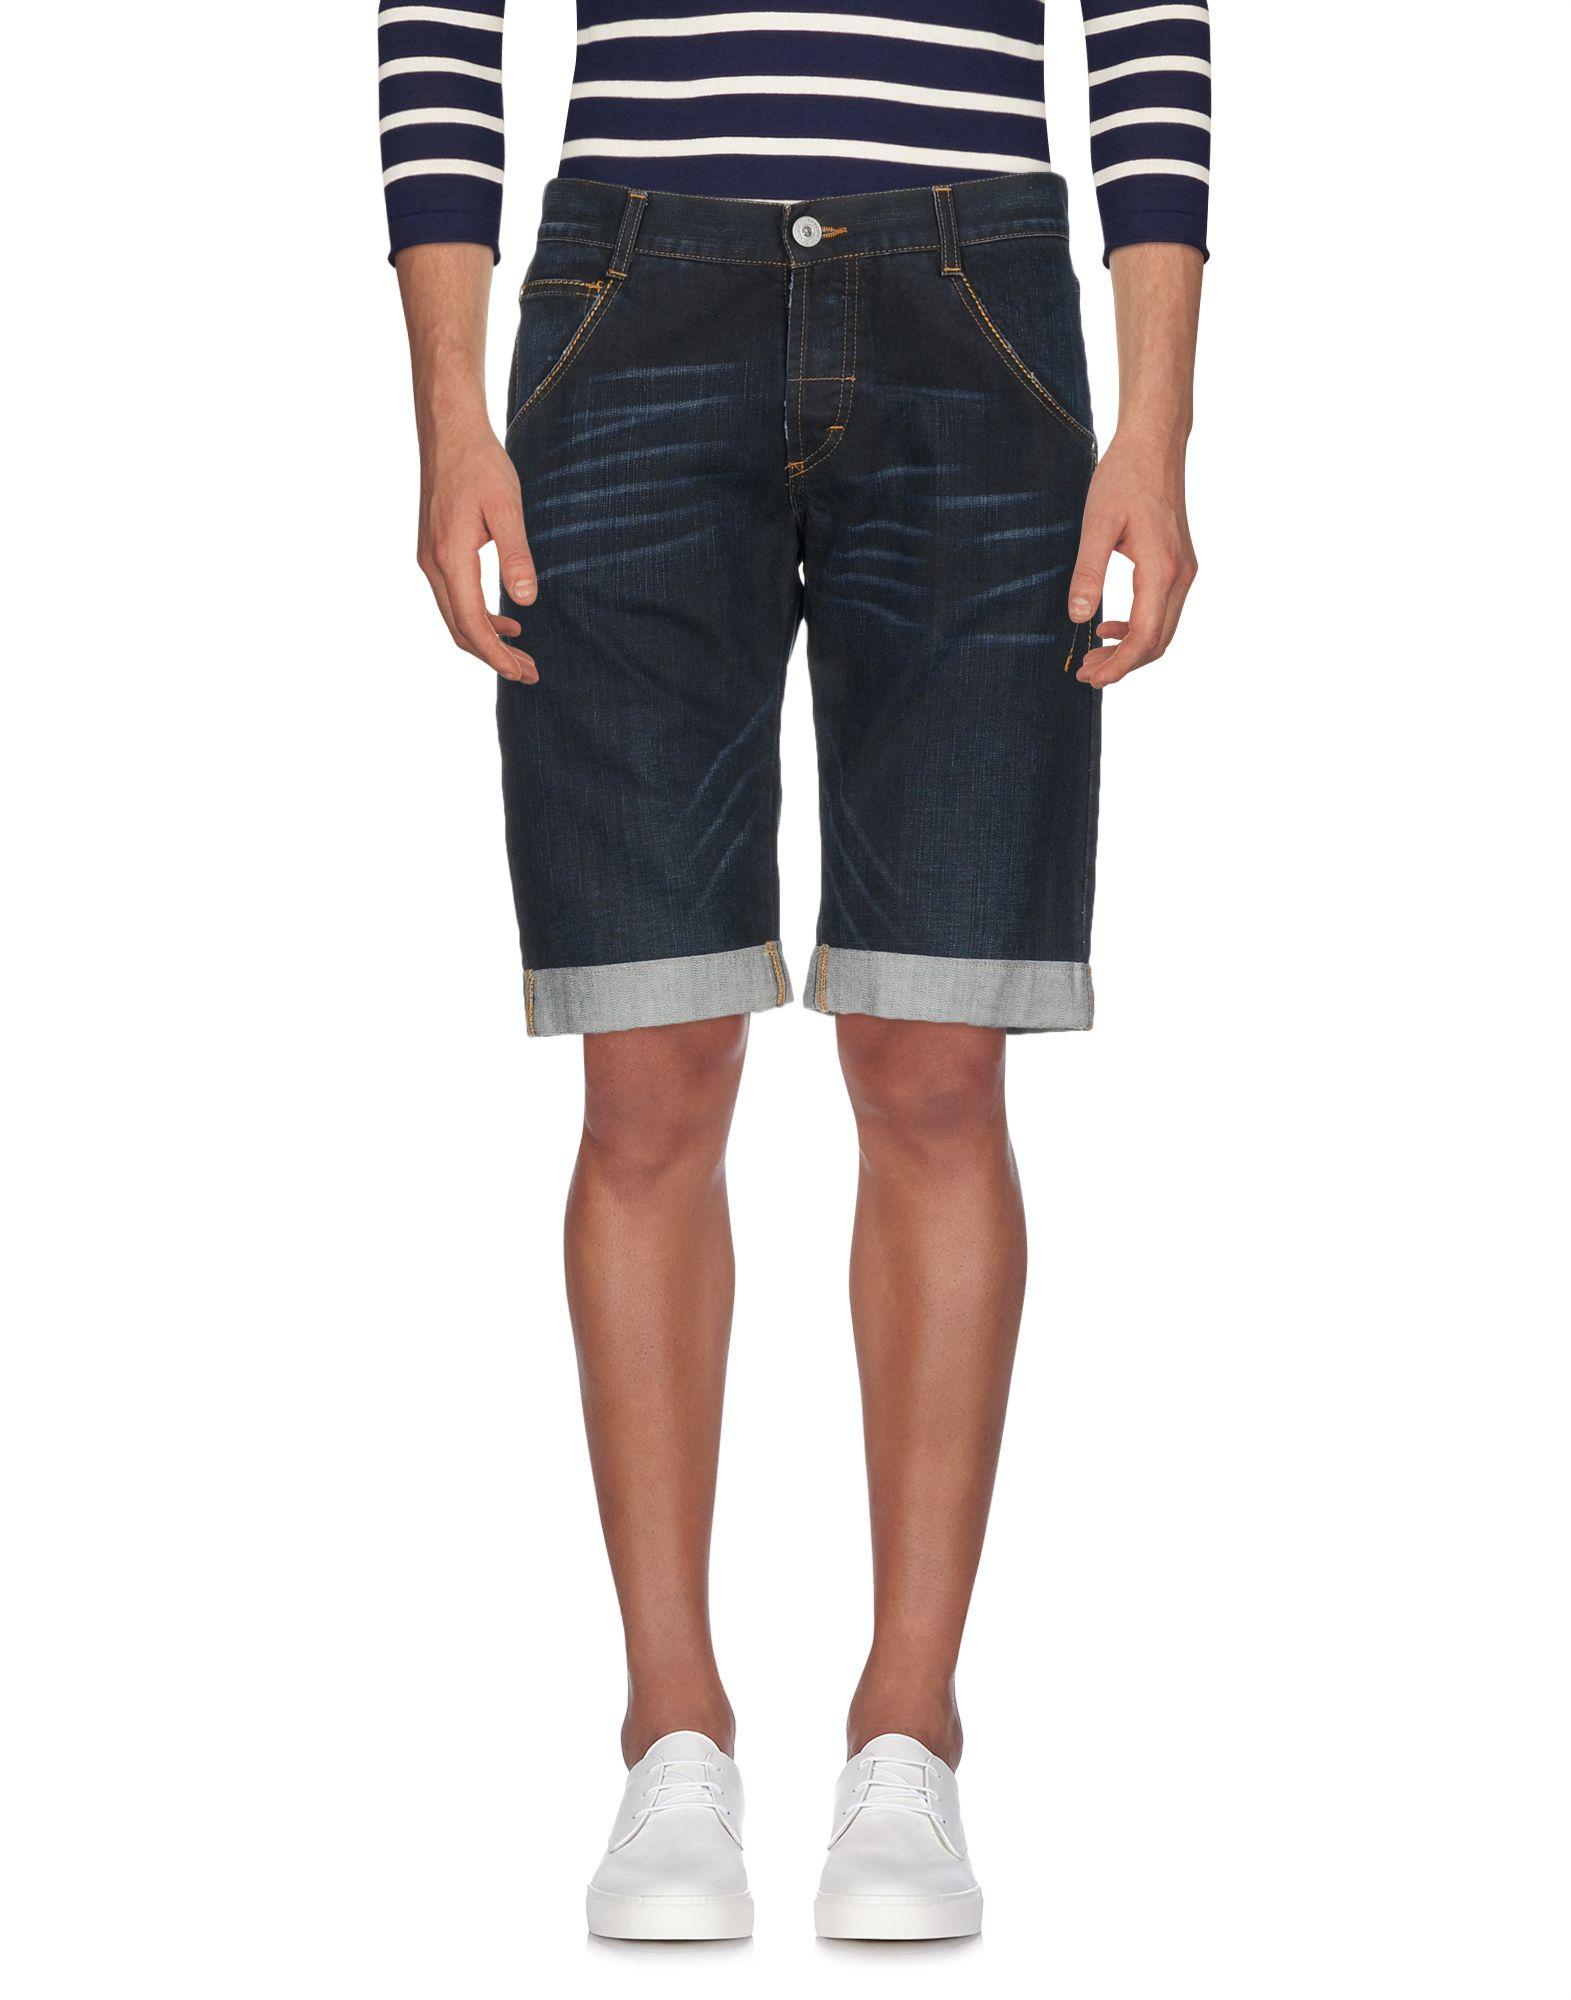 《期間限定セール中》GF FERRE' メンズ デニムバミューダパンツ ブルー 25 コットン 100%